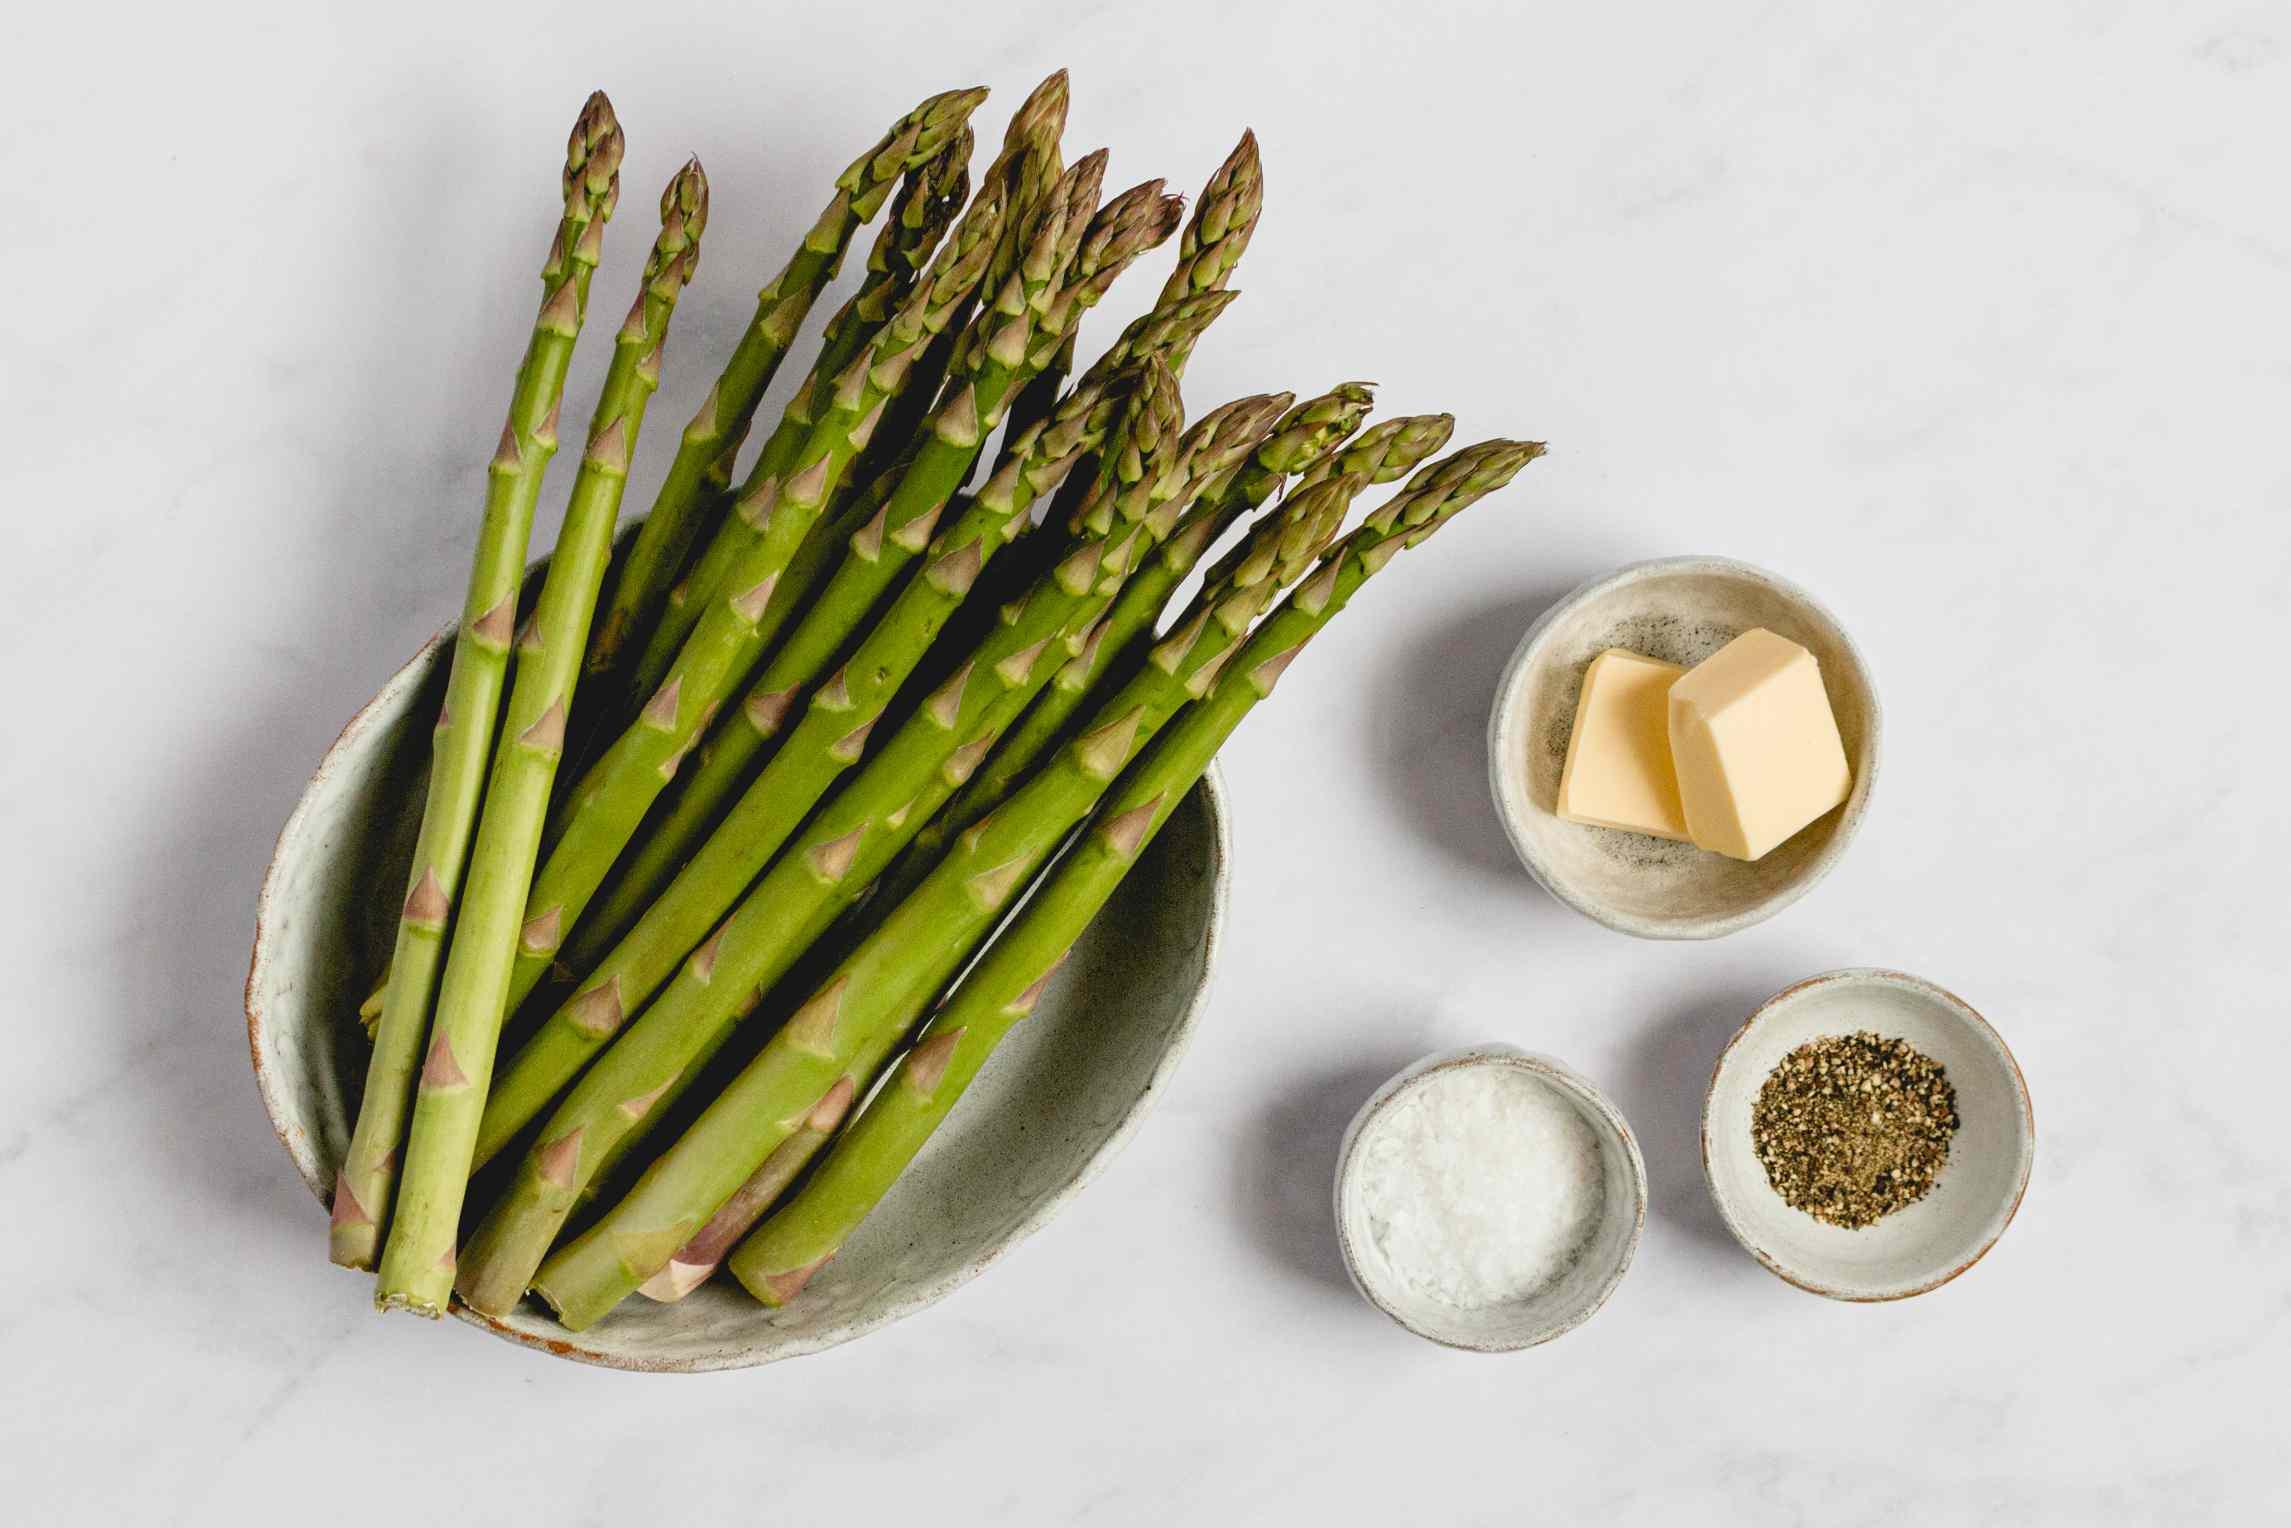 Tender Asparagus ingredients